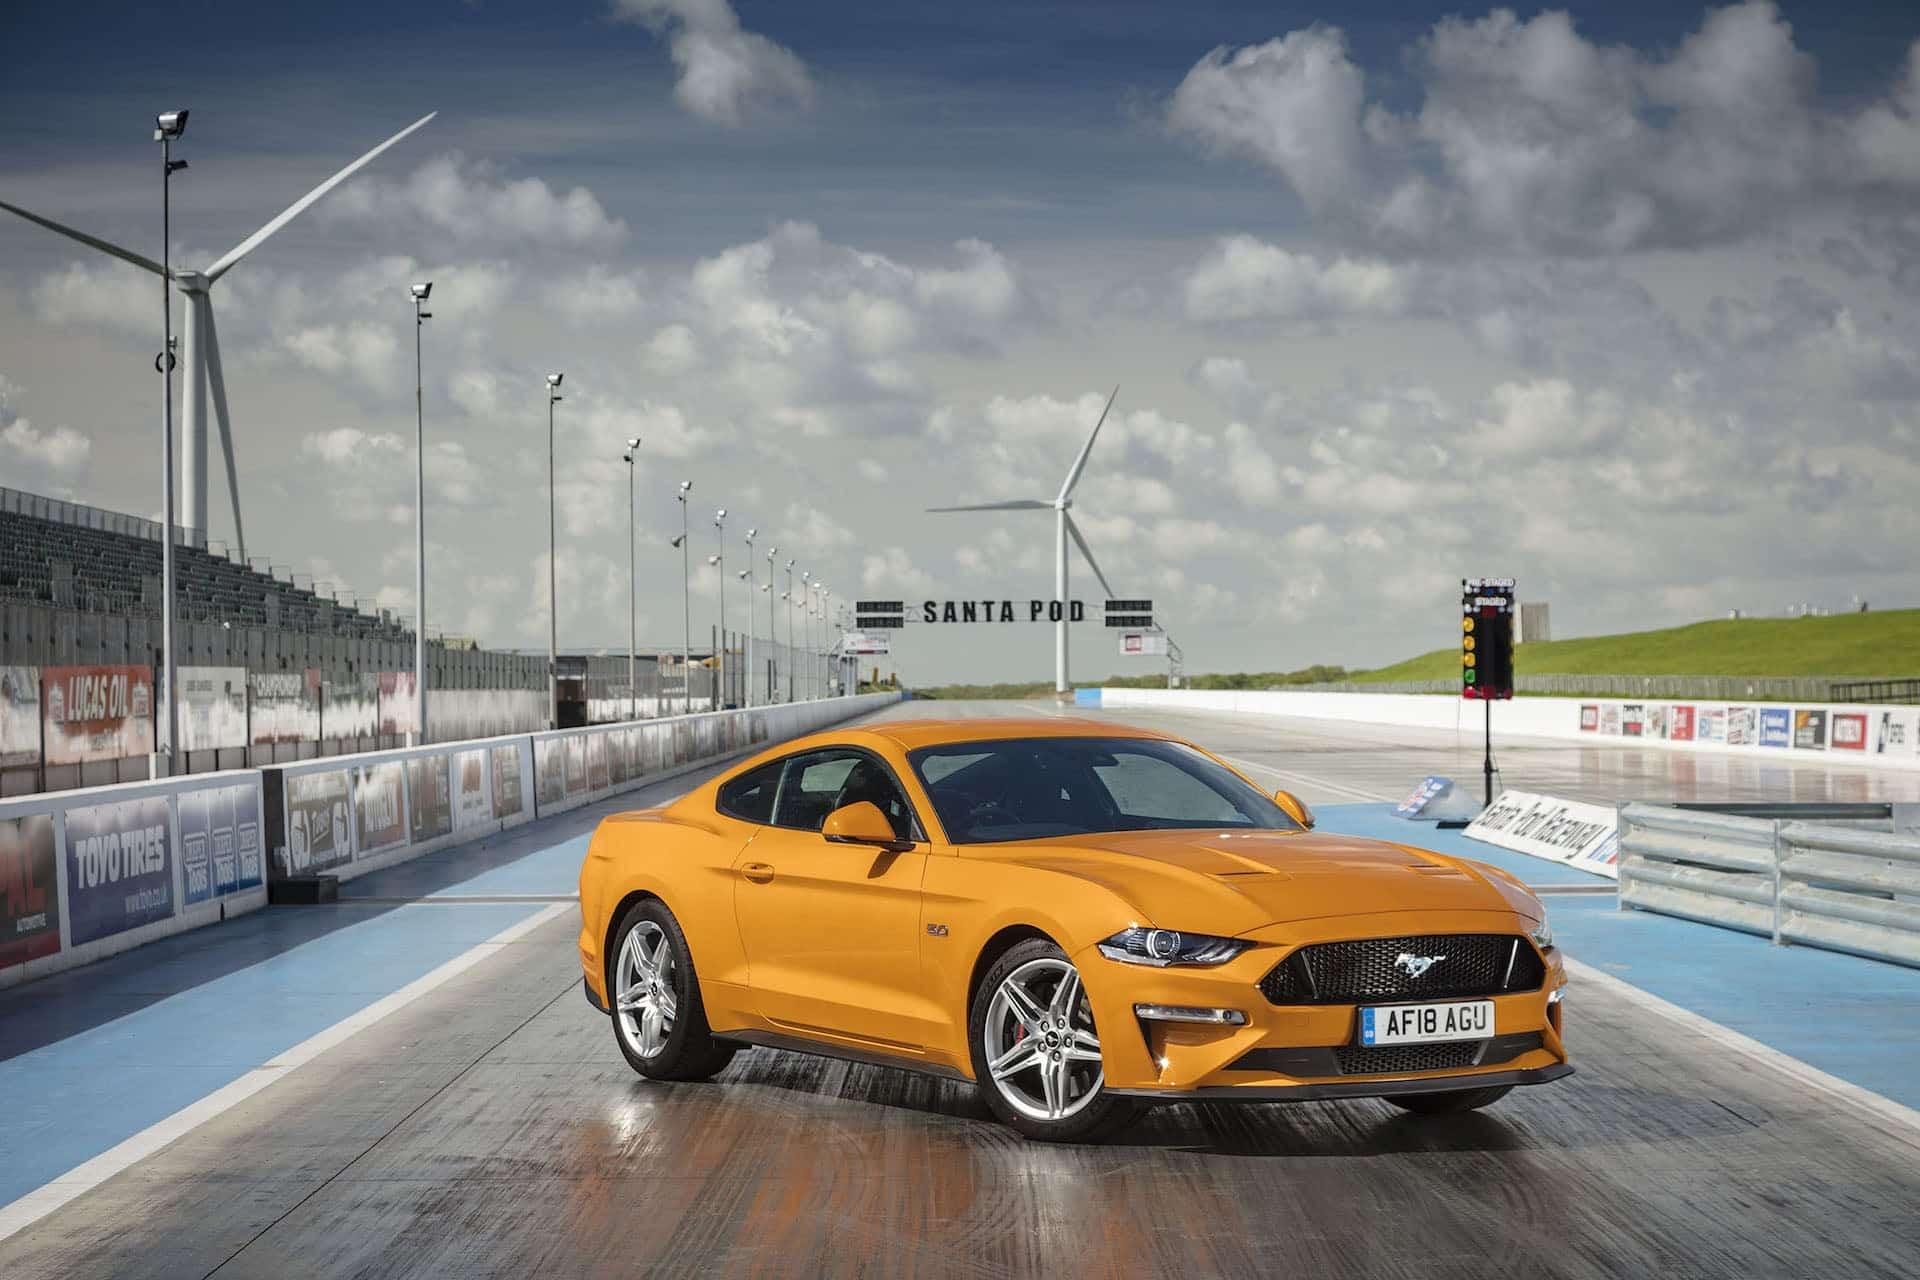 Ford Mustang at Santa Pod Raceway (The Car Expert)